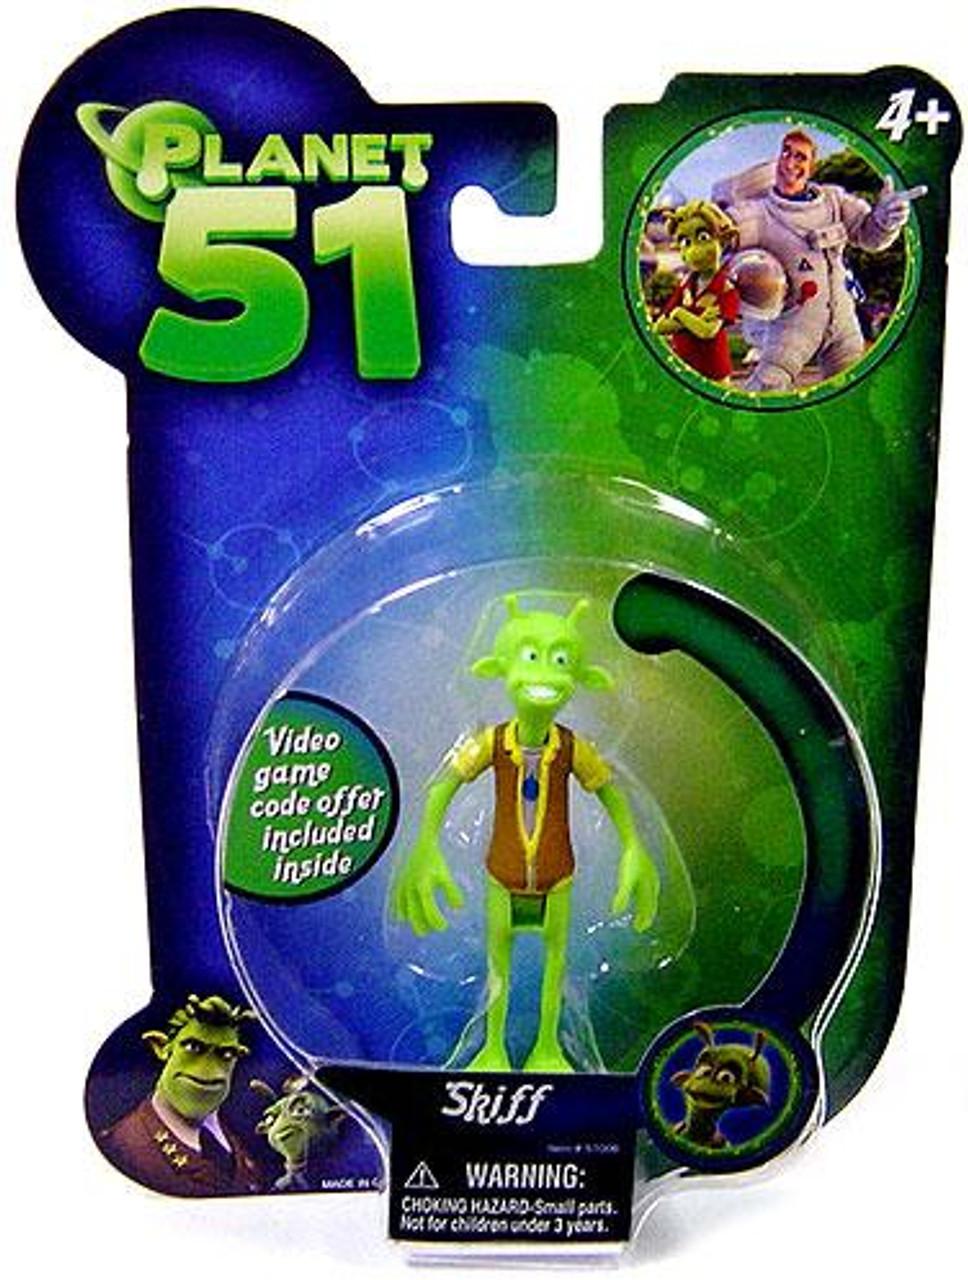 Planet 51 Skiff Mini Figure